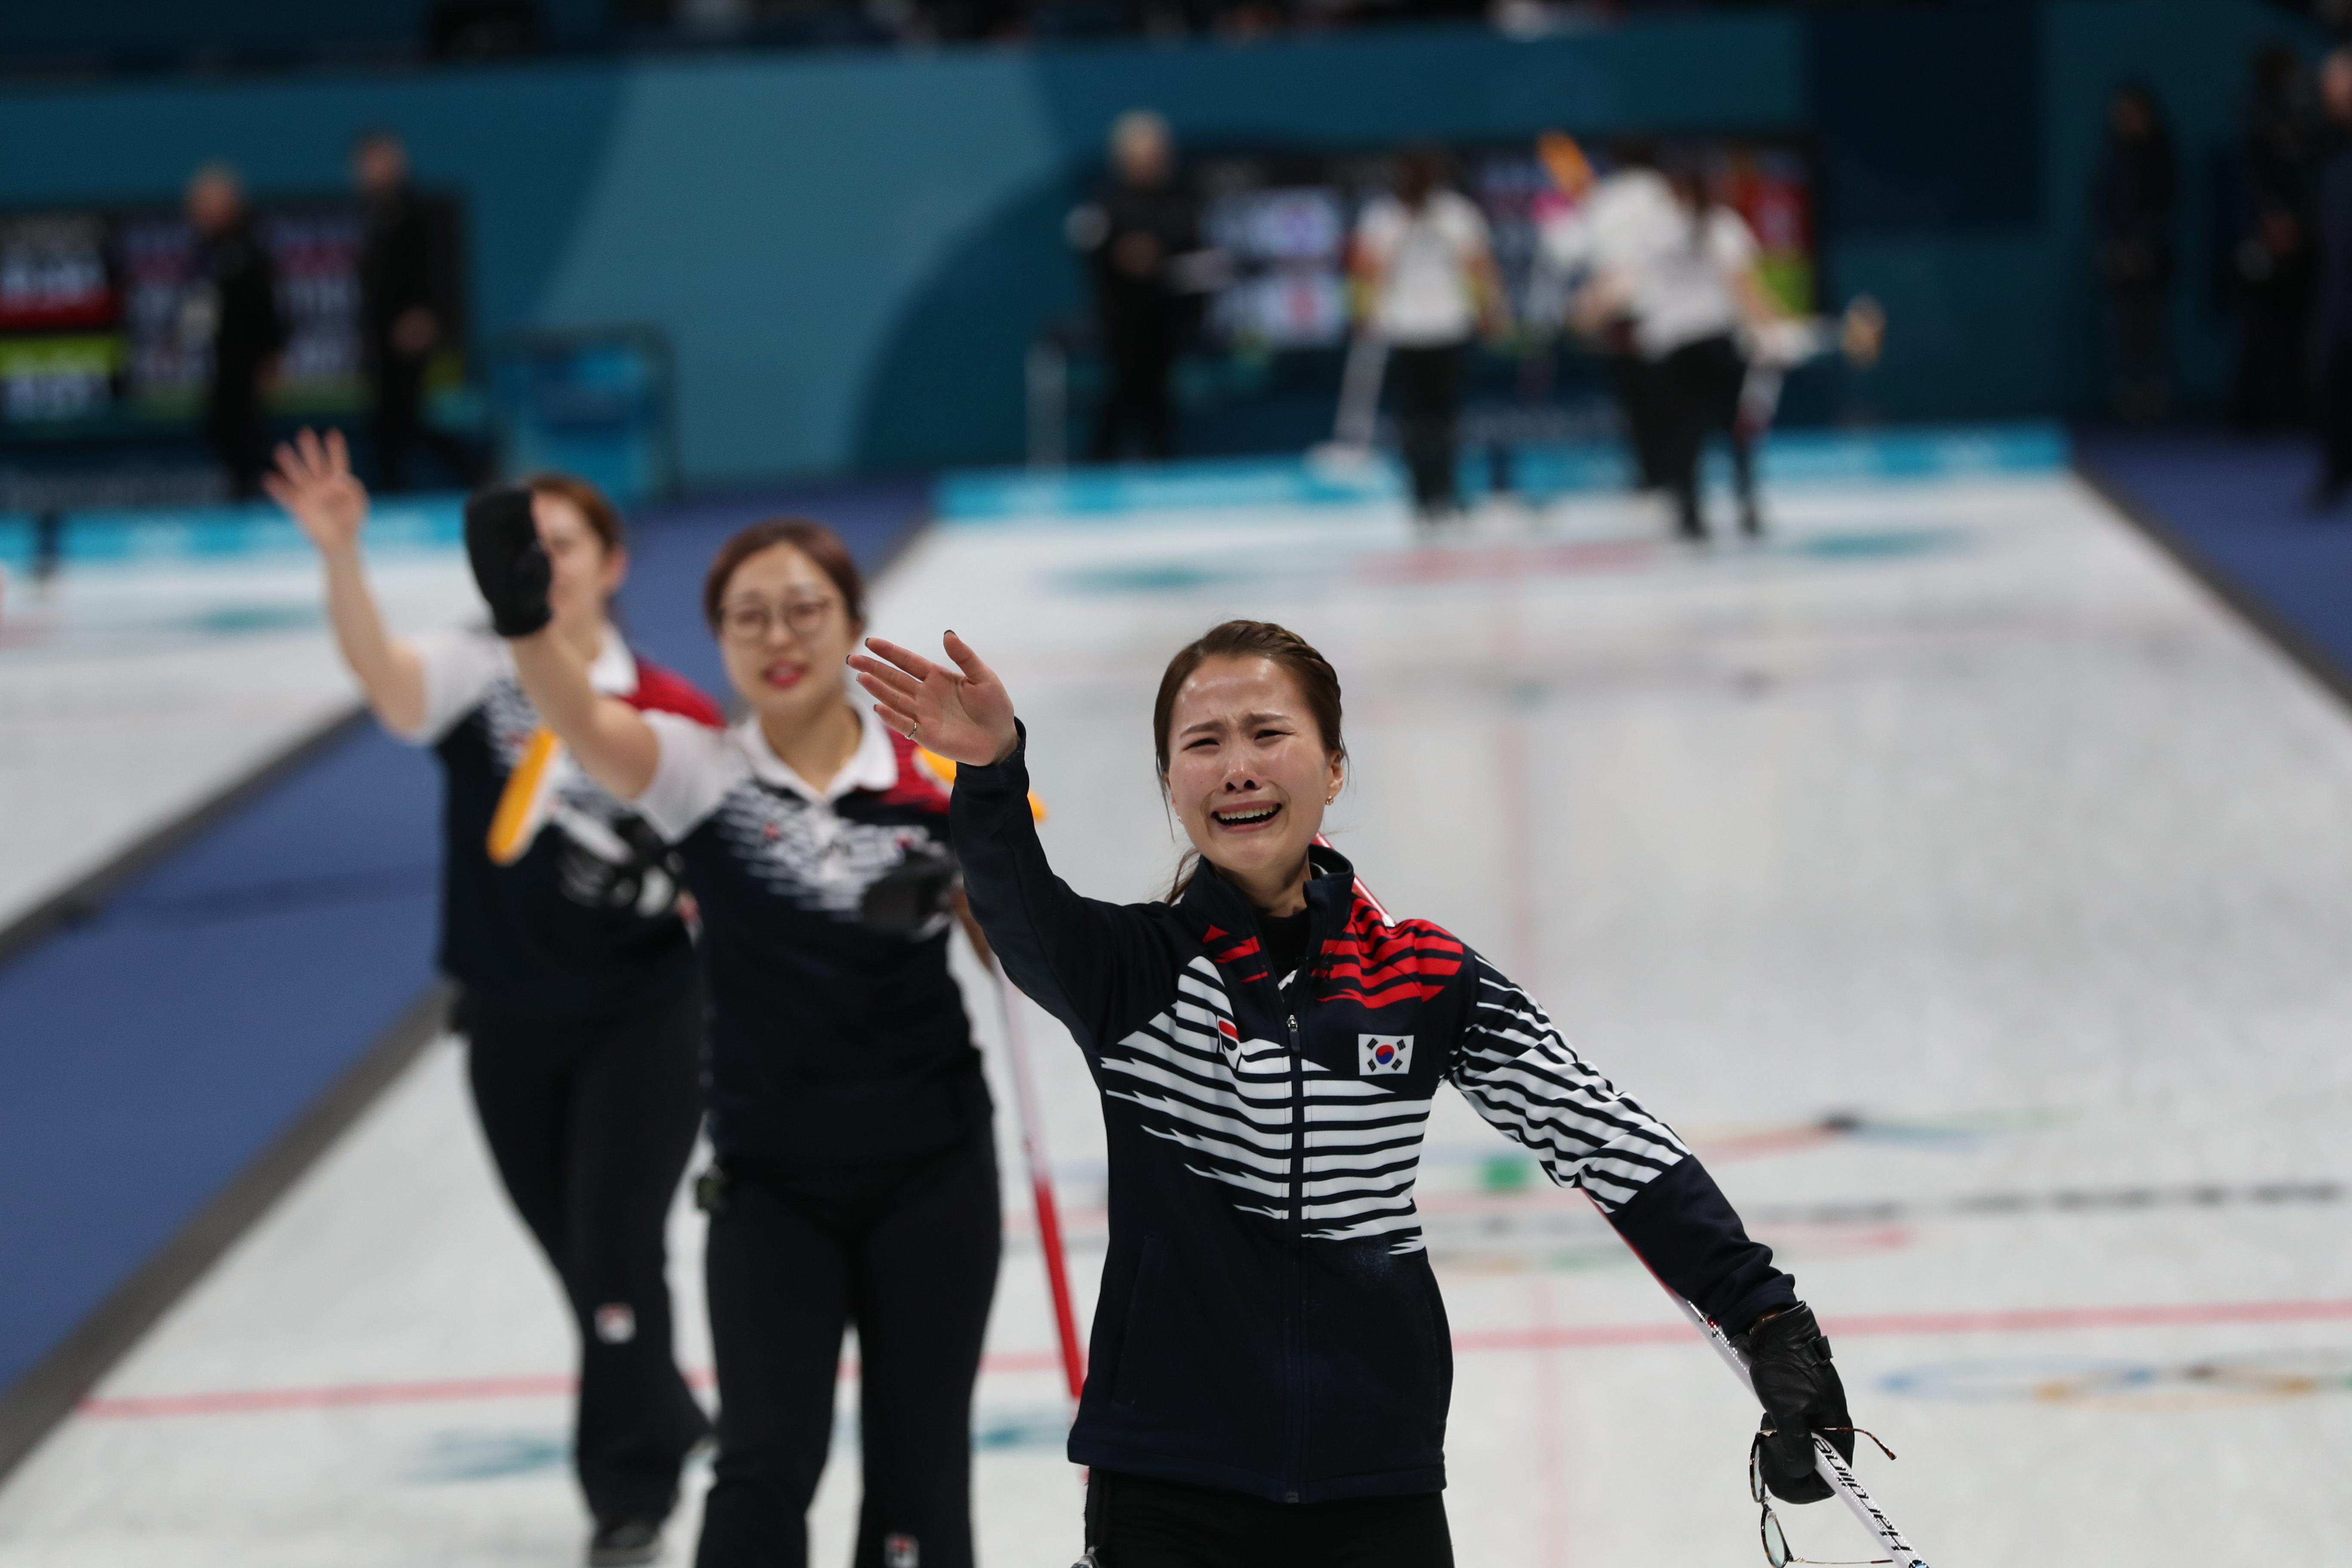 여자 컬링 대표팀이 일본을 꺾고 결승에